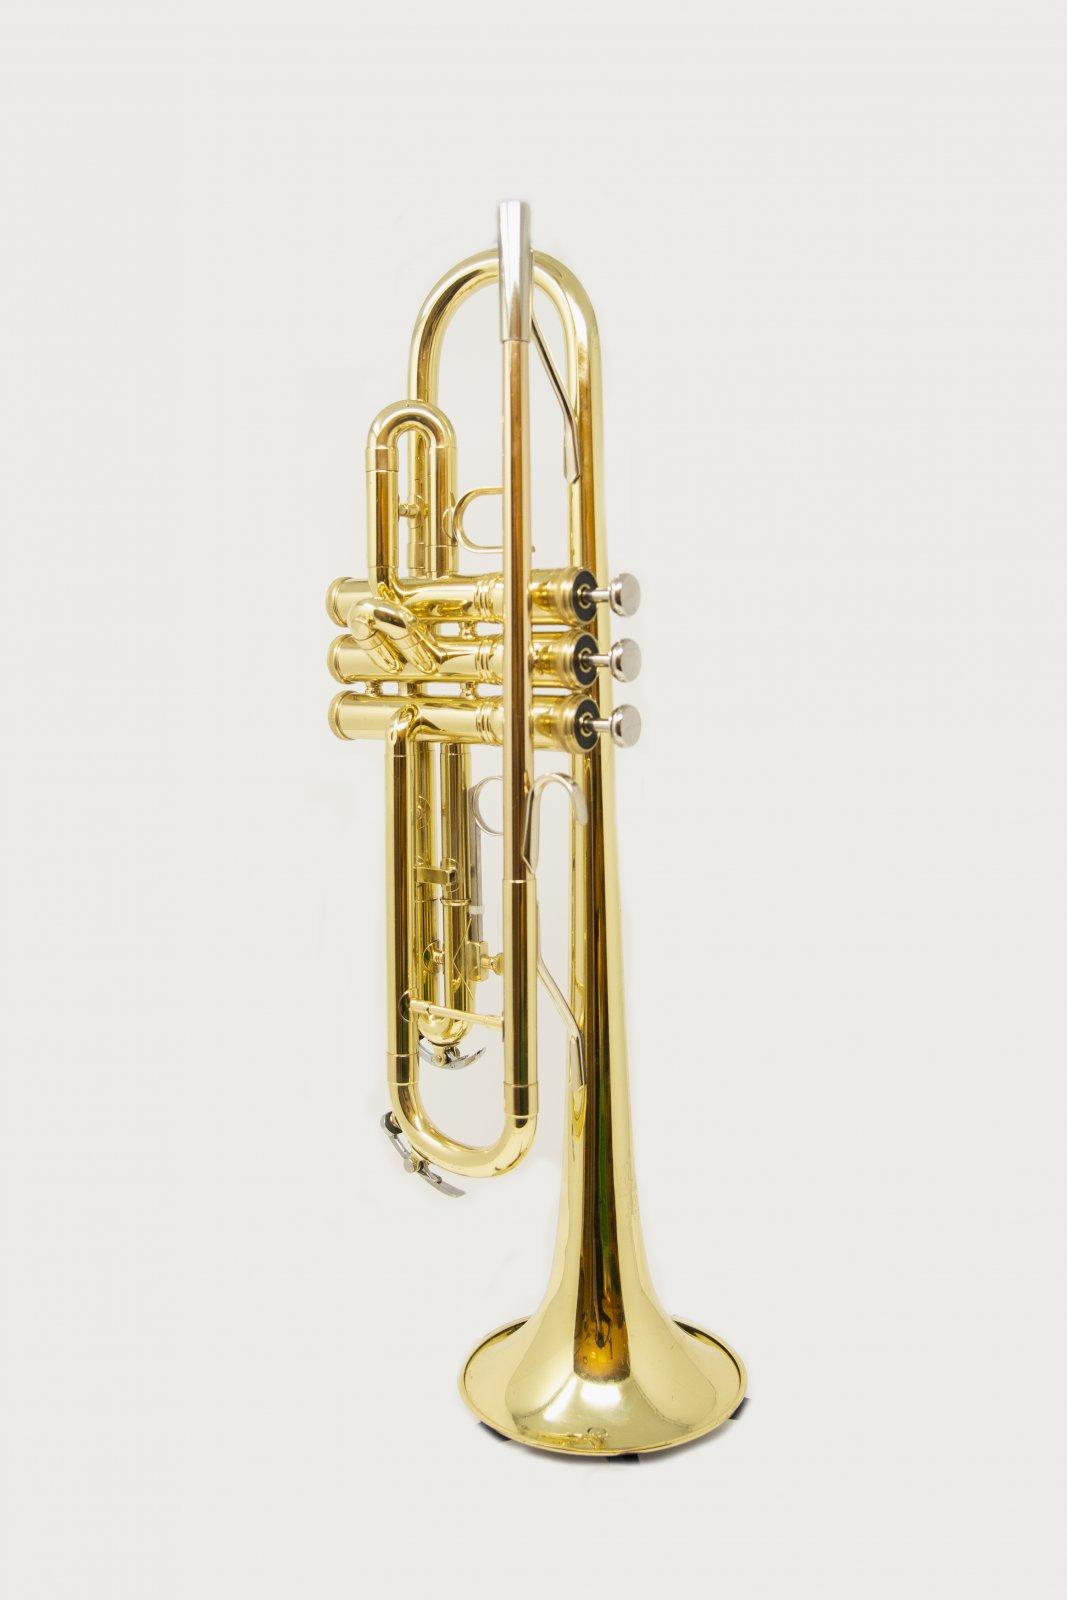 King 601 Standard Student Bb Trumpet